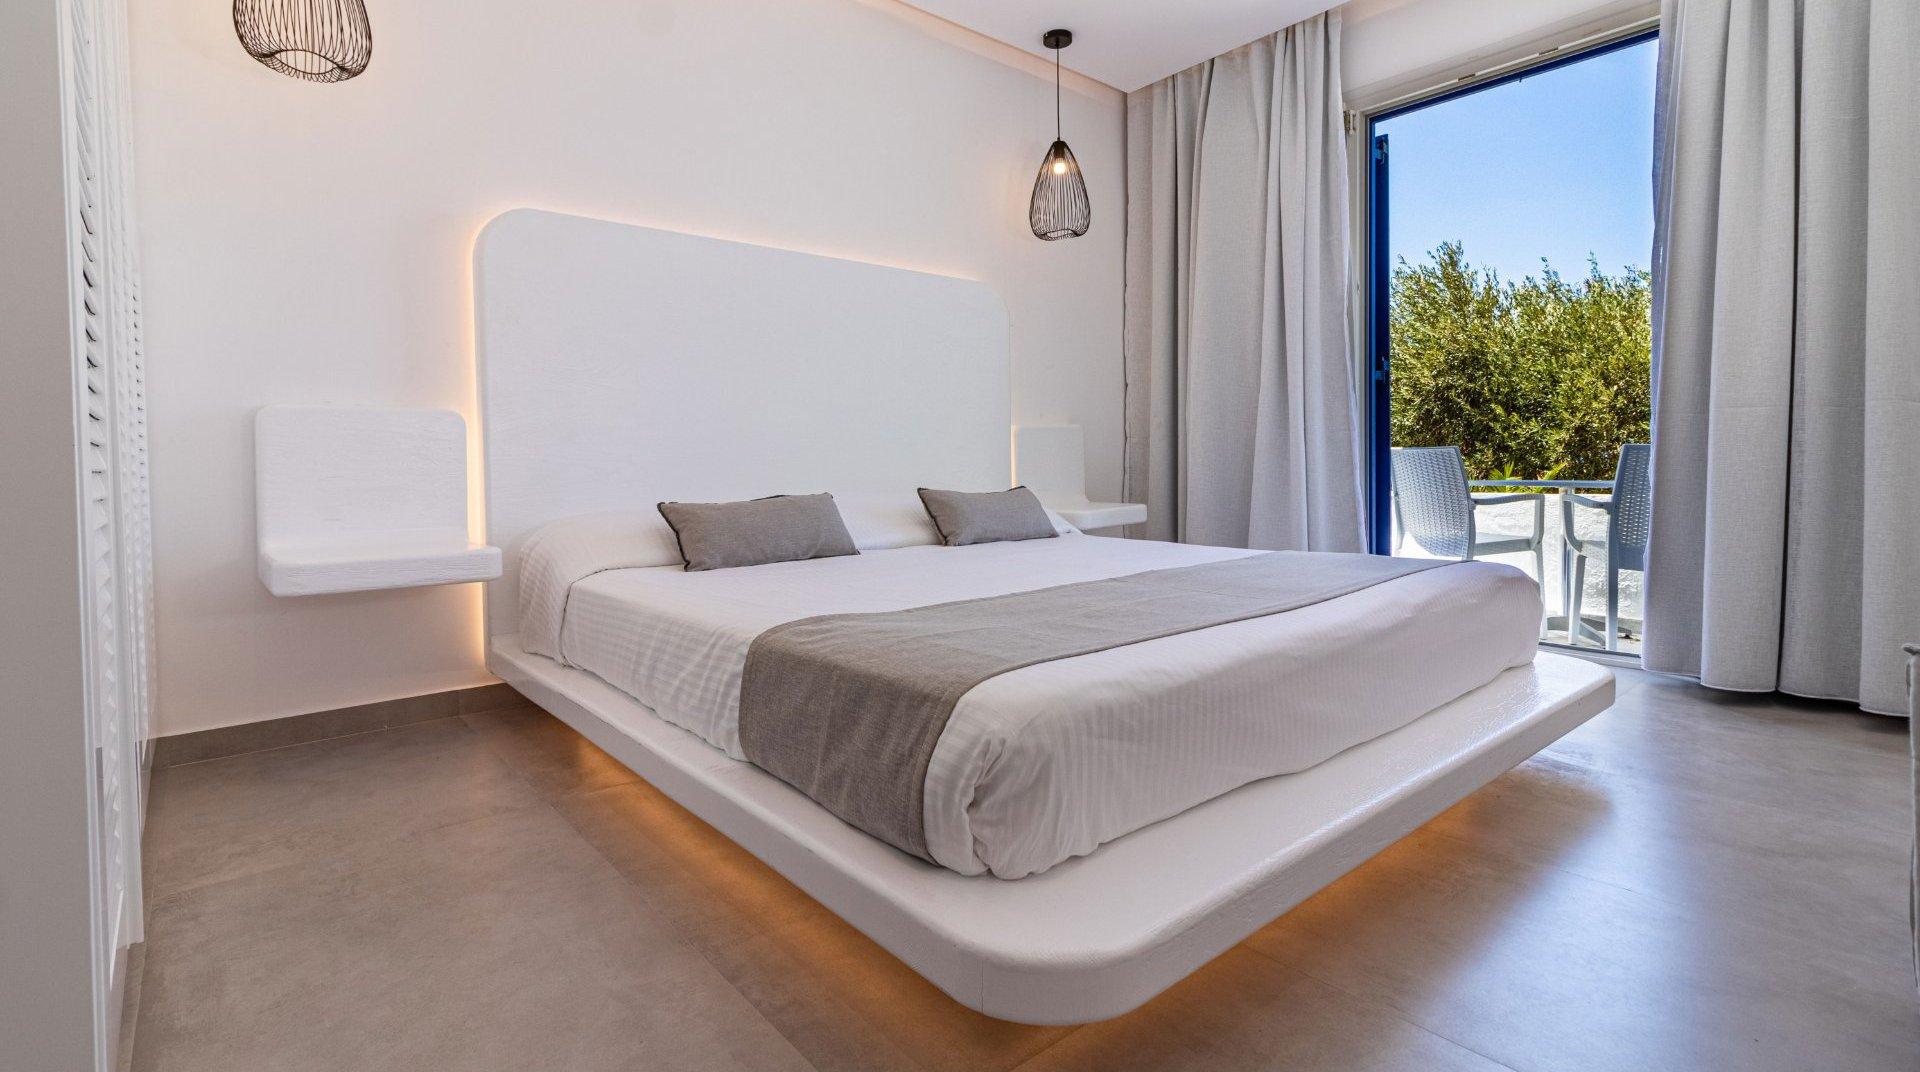 Το εσωτερικό του δωματίου με το κρεβάτι και τα φώτα από γύρω, τα μοντέρνα κομοδίνα και μια ματιά από το μπαλκόνι με τις καρέκλες και τον ουρανό